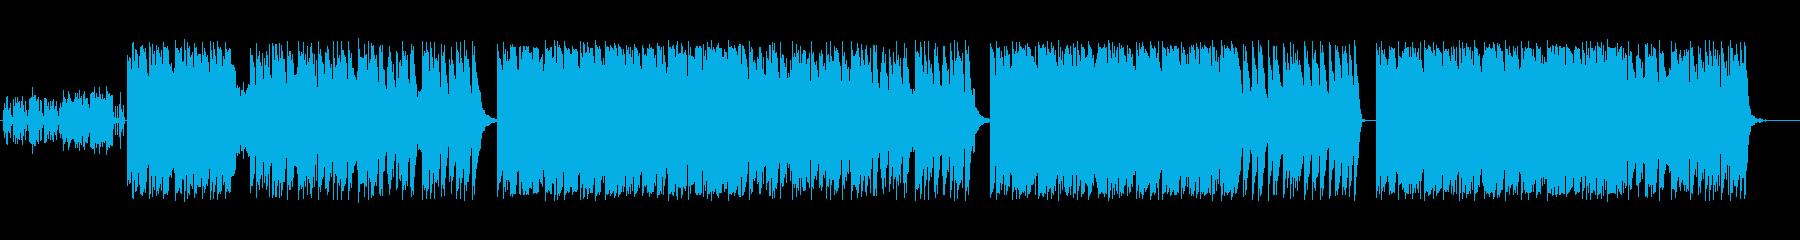 海外系ヒップホップ/Beats/壮大/3の再生済みの波形